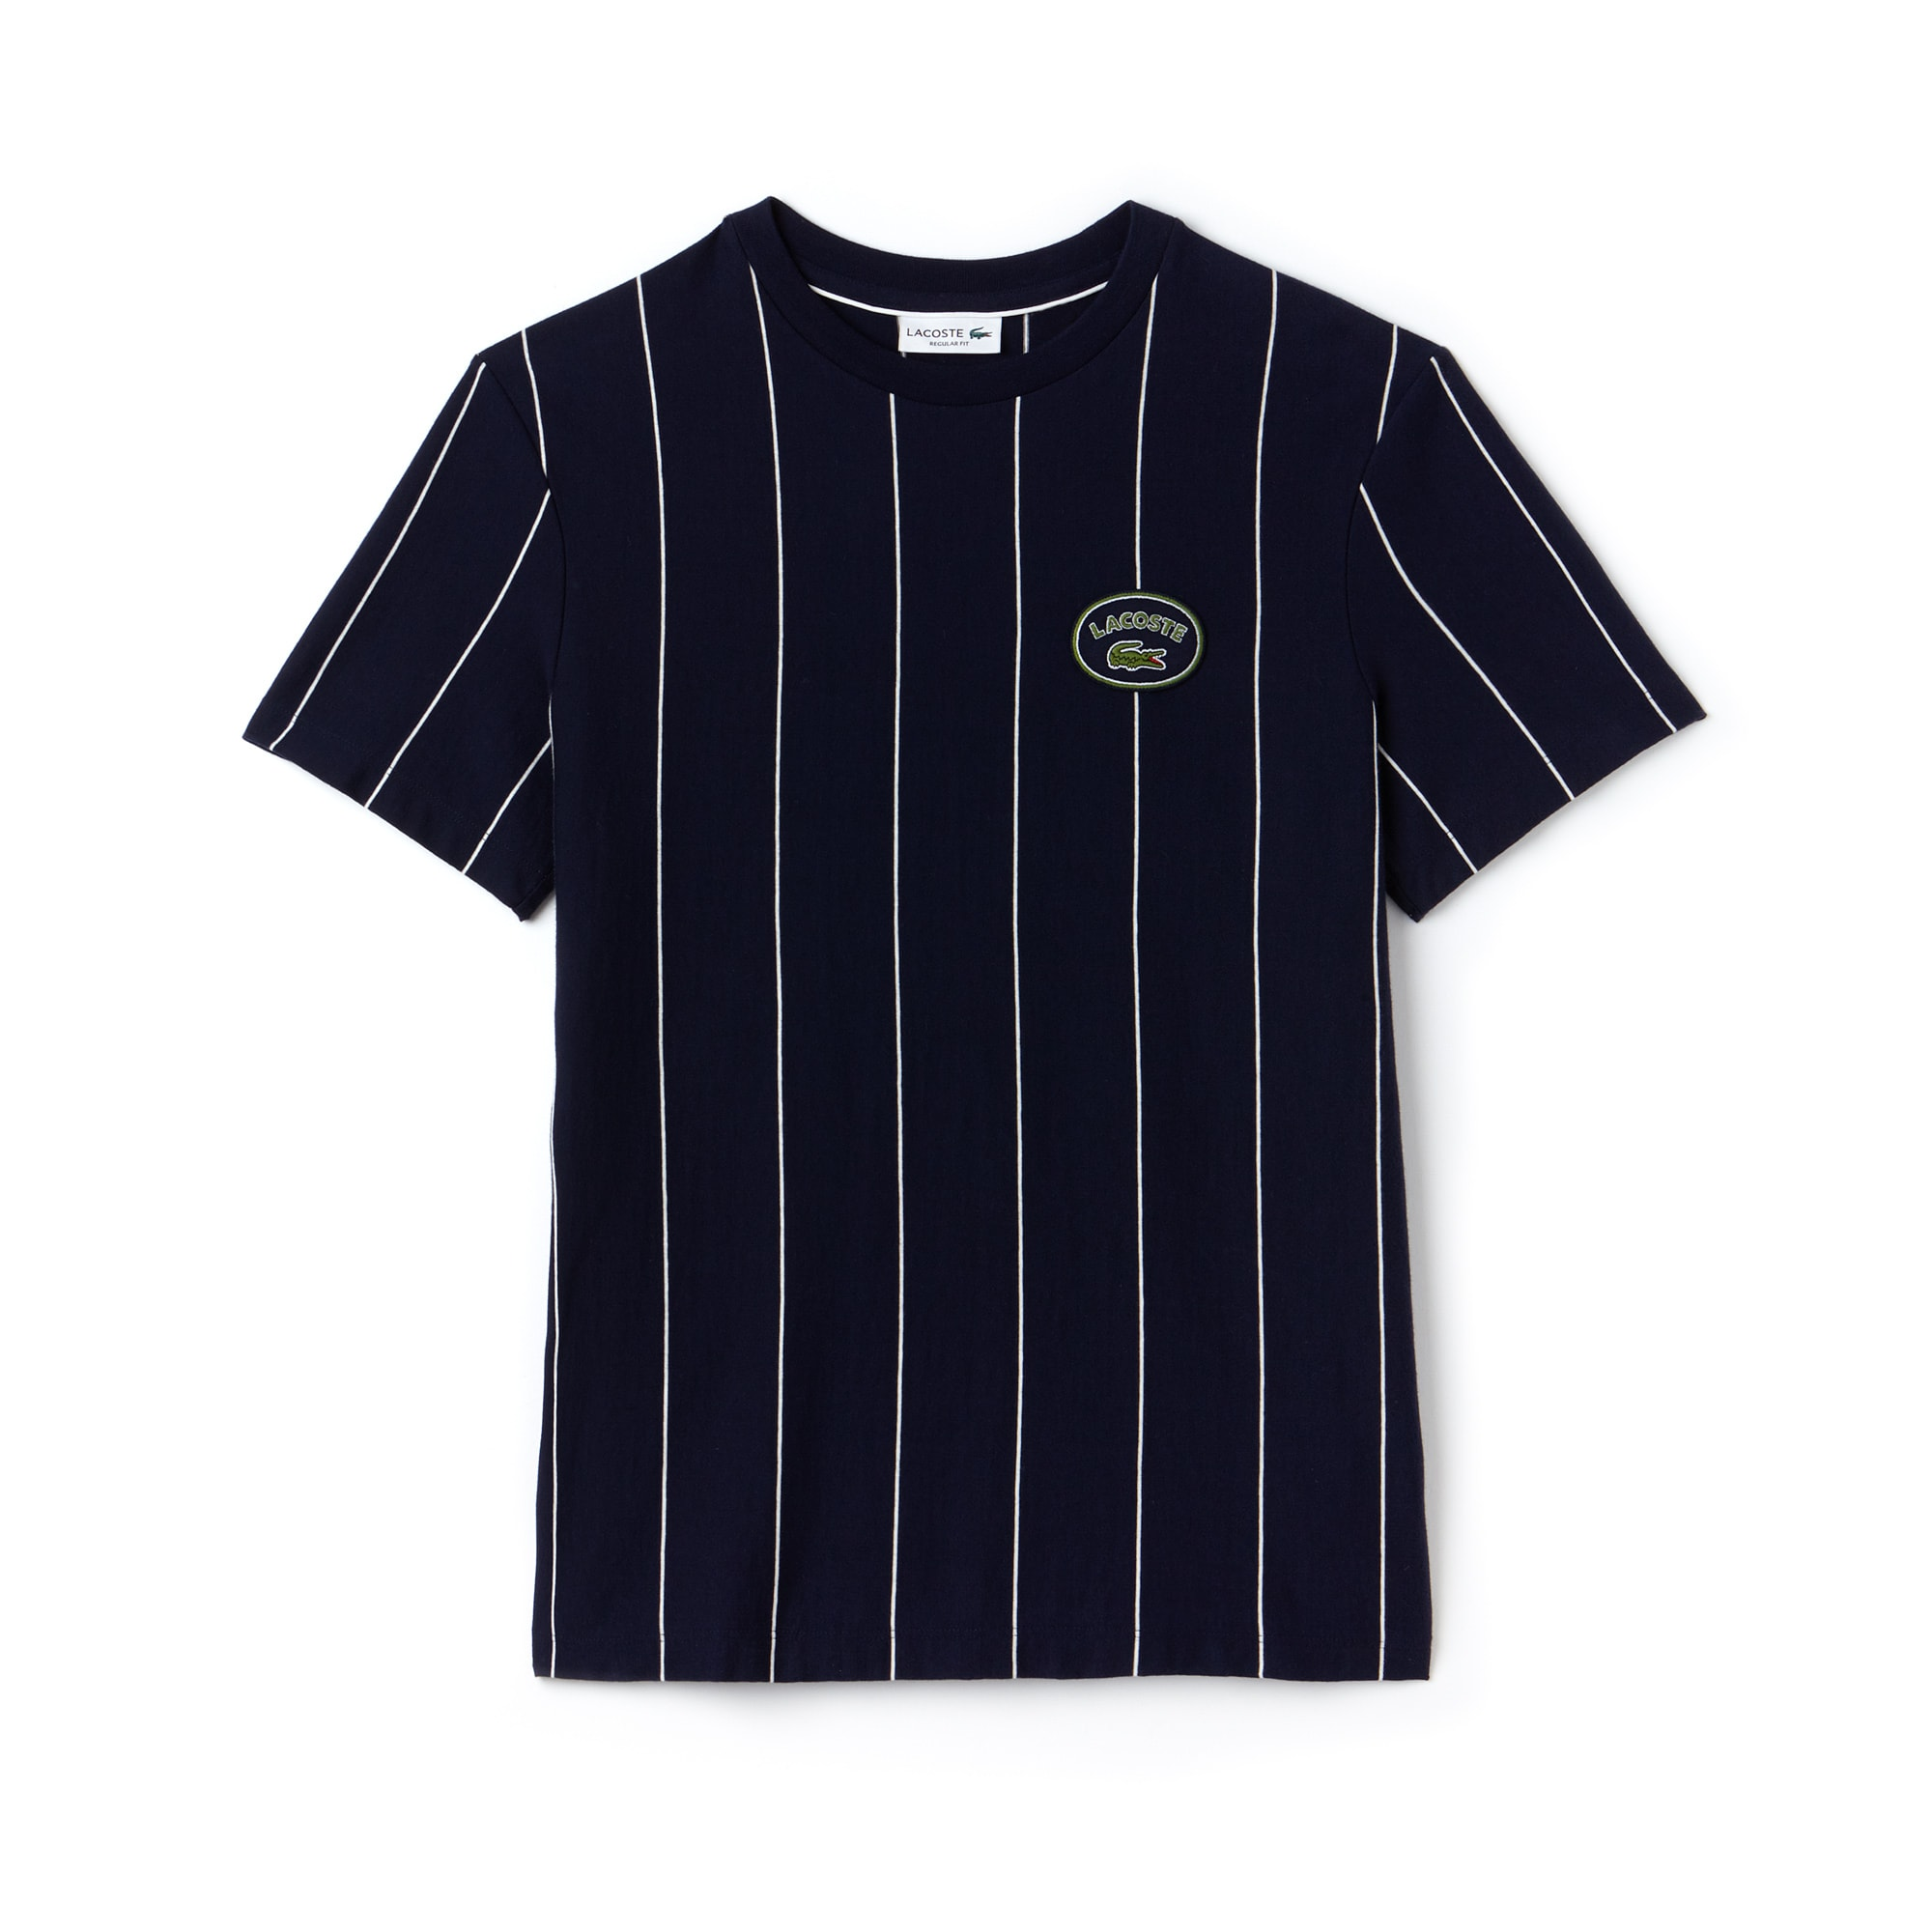 Camiseta De Hombre En Tejido De Punto De Algodón De Rayas Verticales Con Cuello Redondo